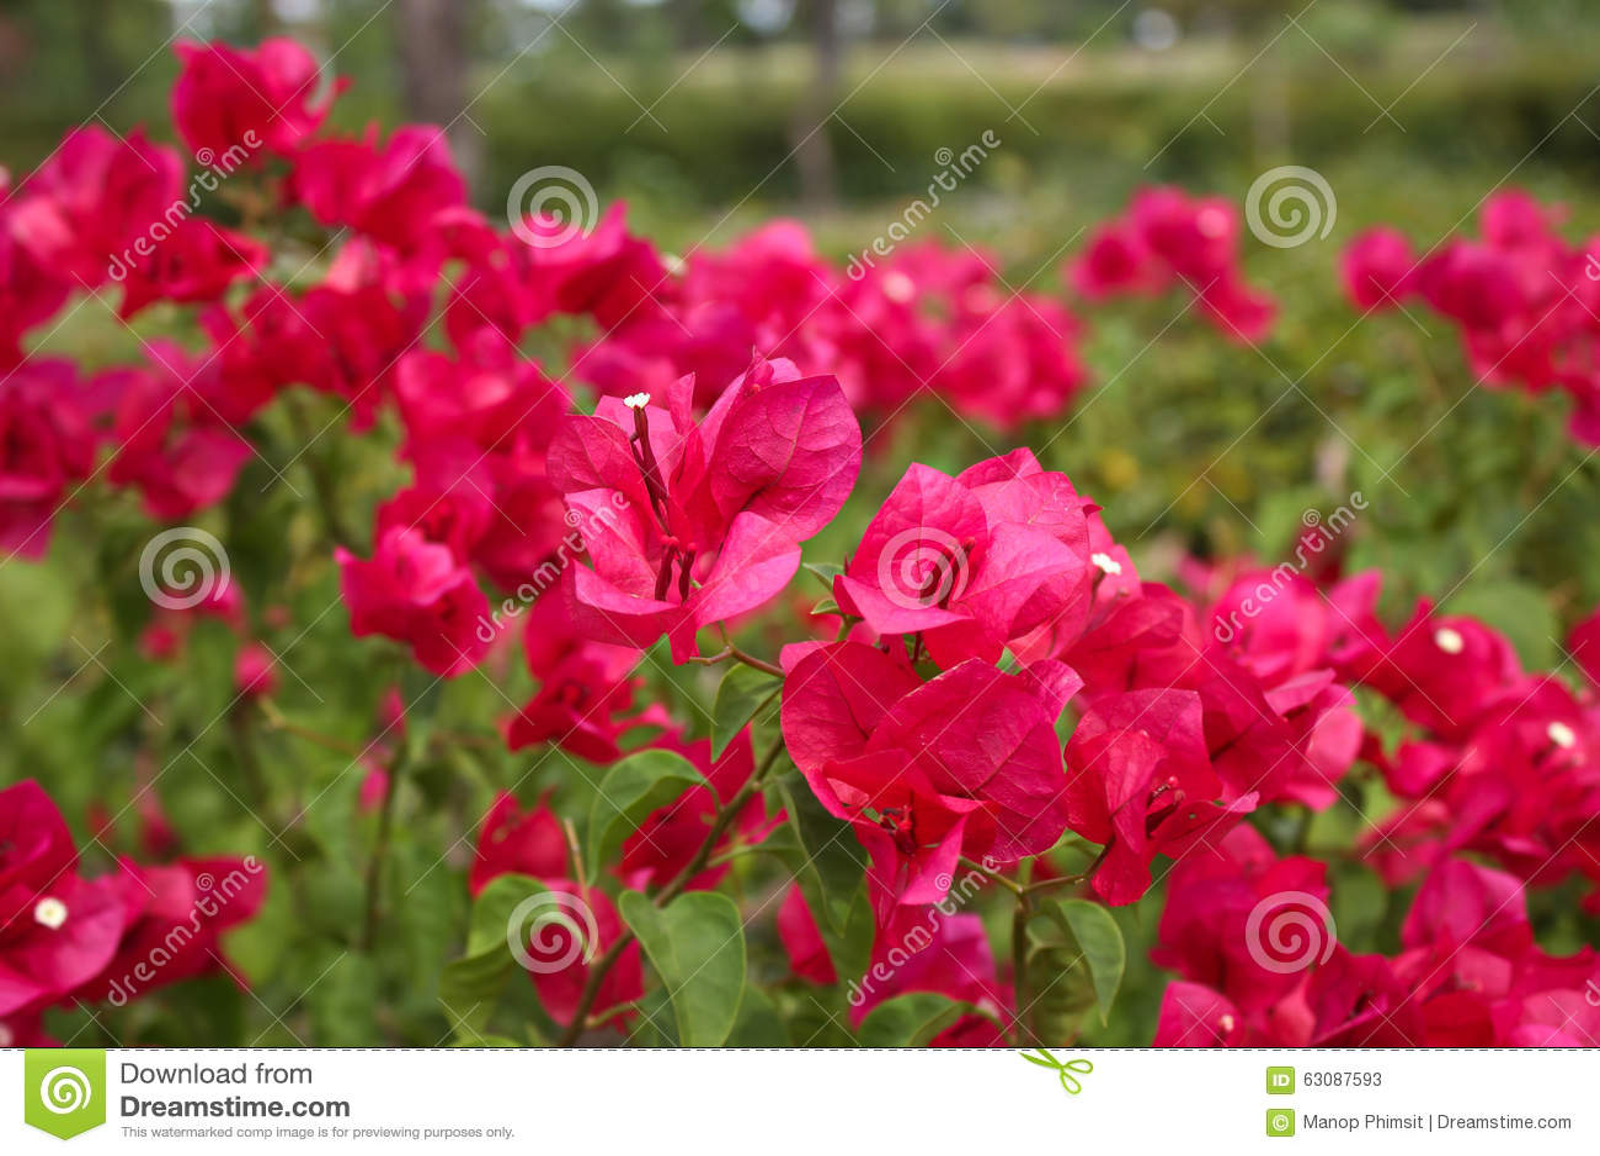 Download Fleurs de bouganvillée image stock. Image du pourpré - 63087593